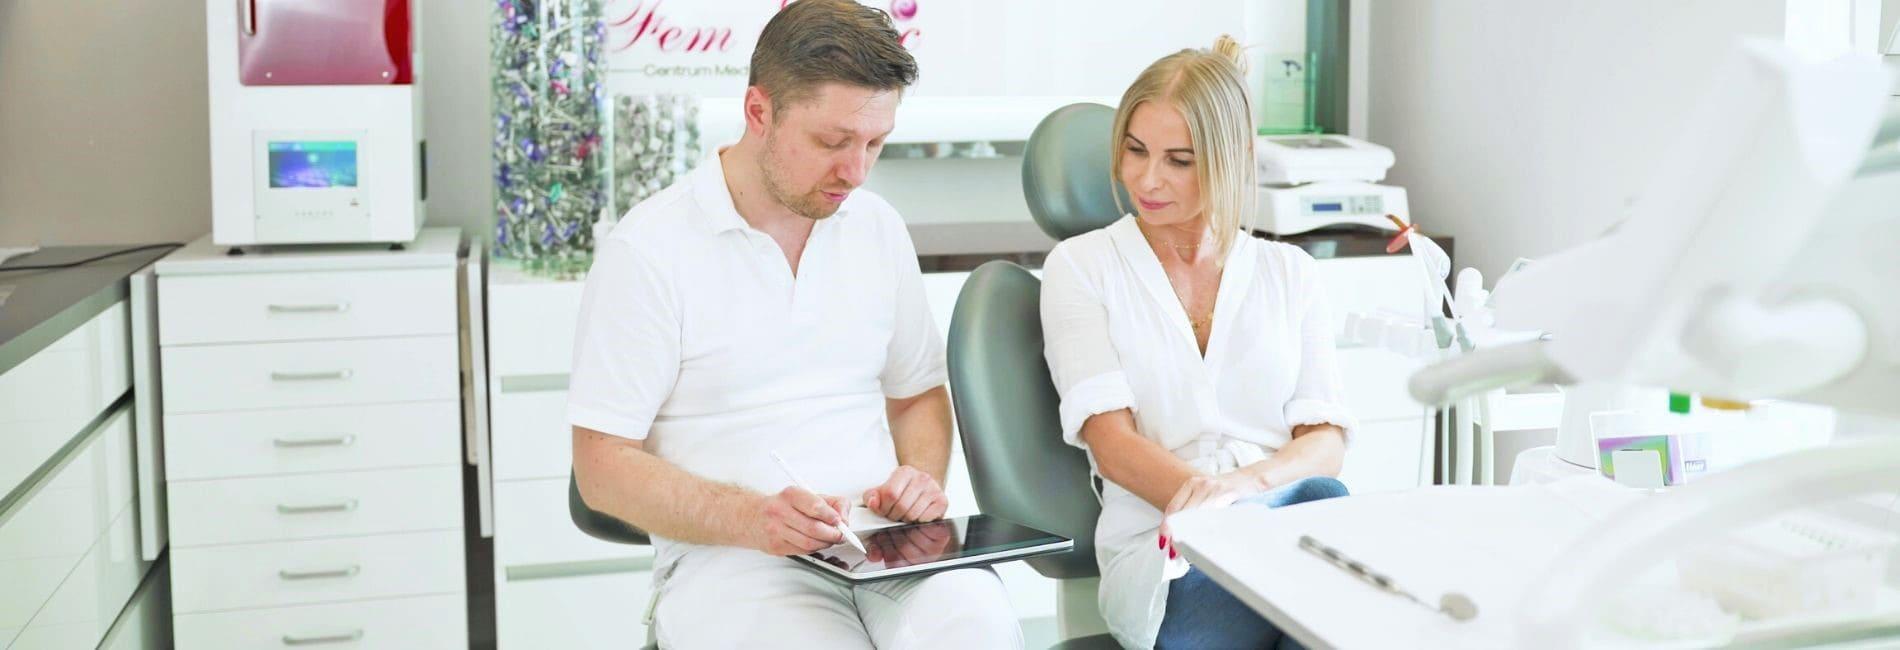 Zahnklinik-Slubice-Erfahrungen-gunstige-Zähne